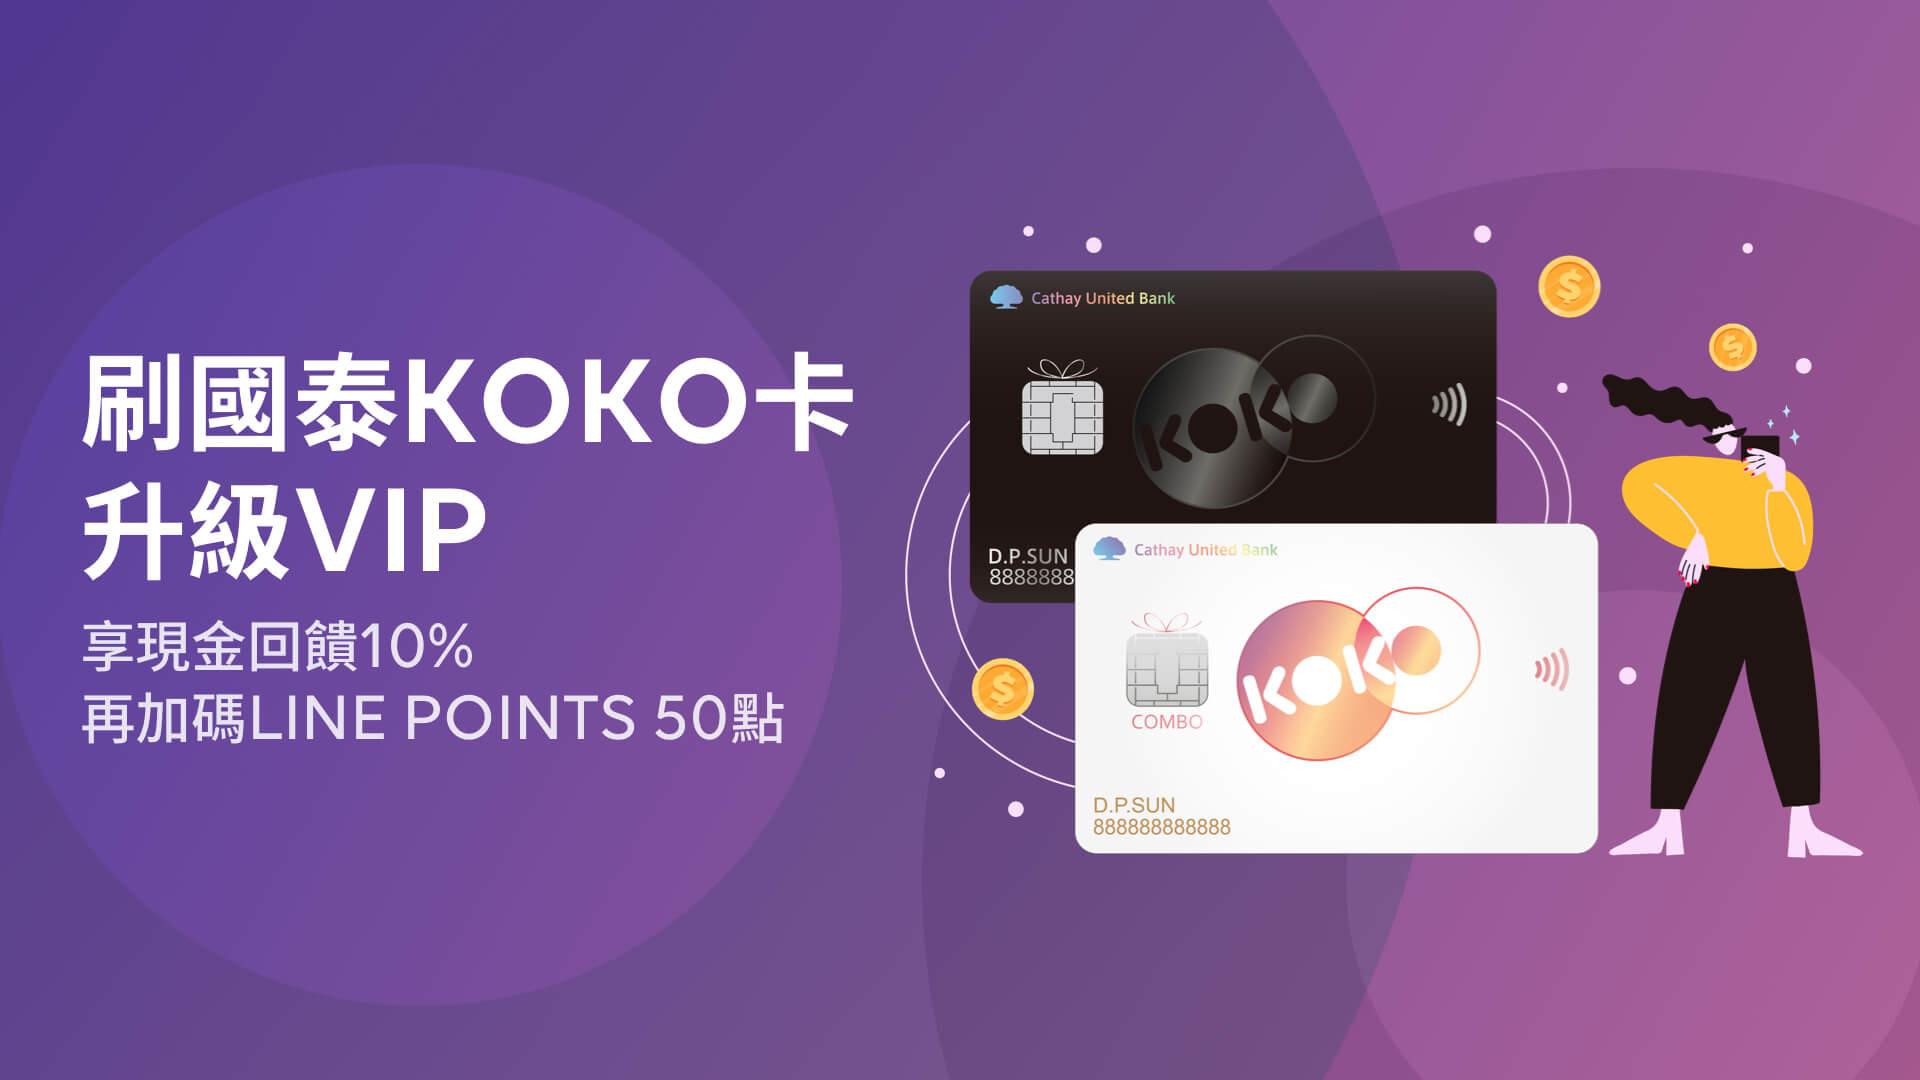 【升級活動】刷國泰KOKO指定卡升級LINE TV VIP享雙重回饋